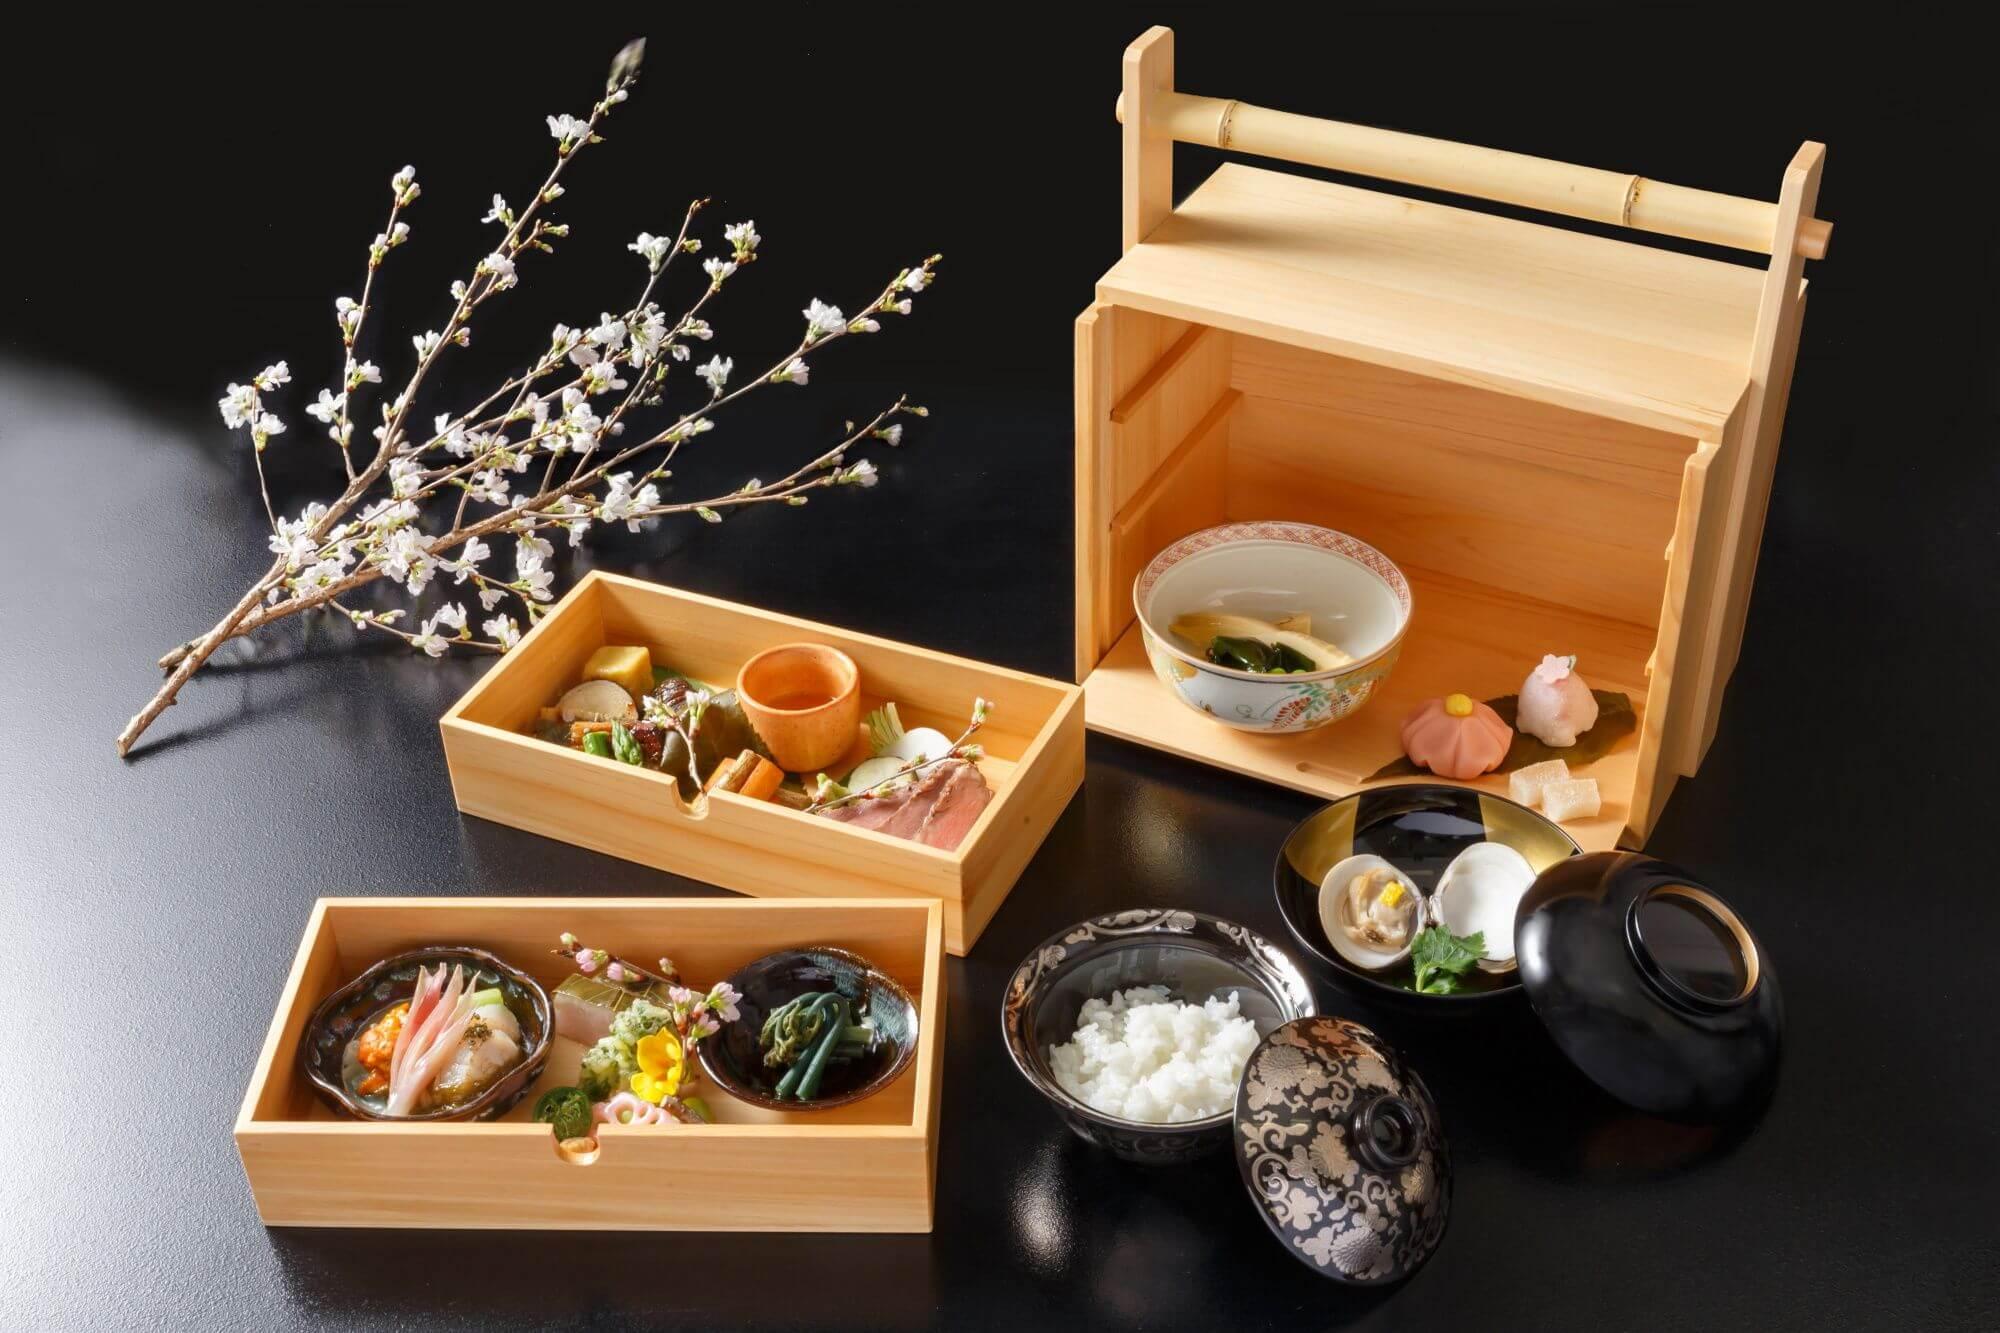 日本庭園でお花見が楽しめるレストラン『神楽』原宿4